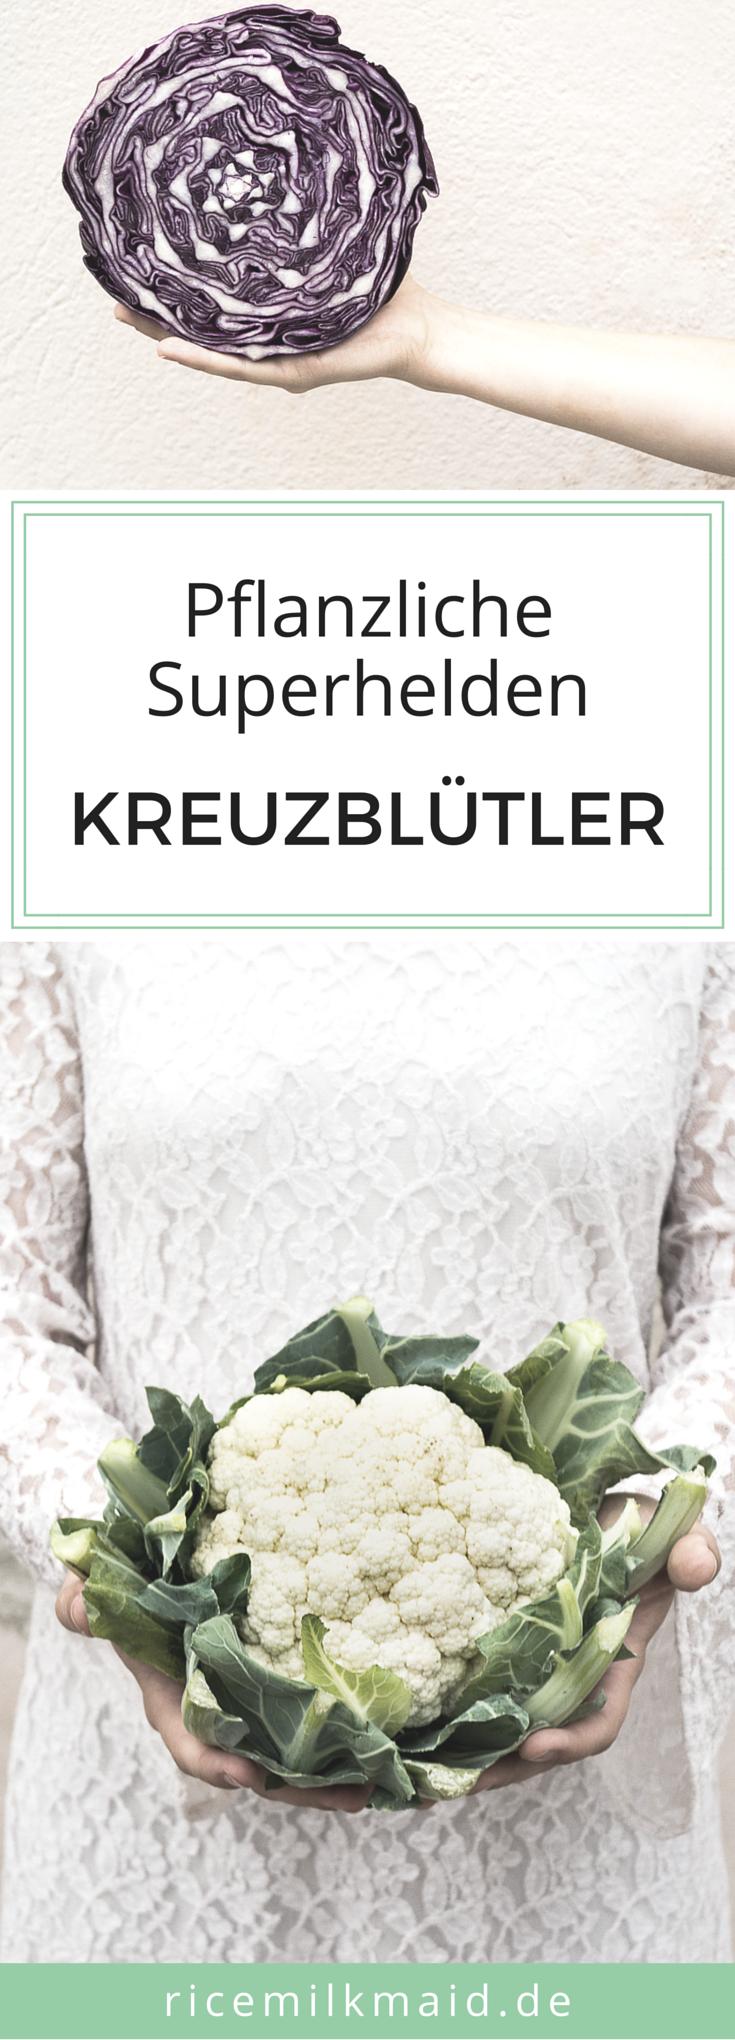 Lerne die pflanzlichen Superhelden kennen: Kreuzblütler. Was sie können, wie du sie am besten zubereitest und in welcher Saison du sie am besten kaufst, findest du jetzt auf dem Ricemilkmaid Blog. Klick dich rüber und speichere dir direkt den Saisonkalender ab.